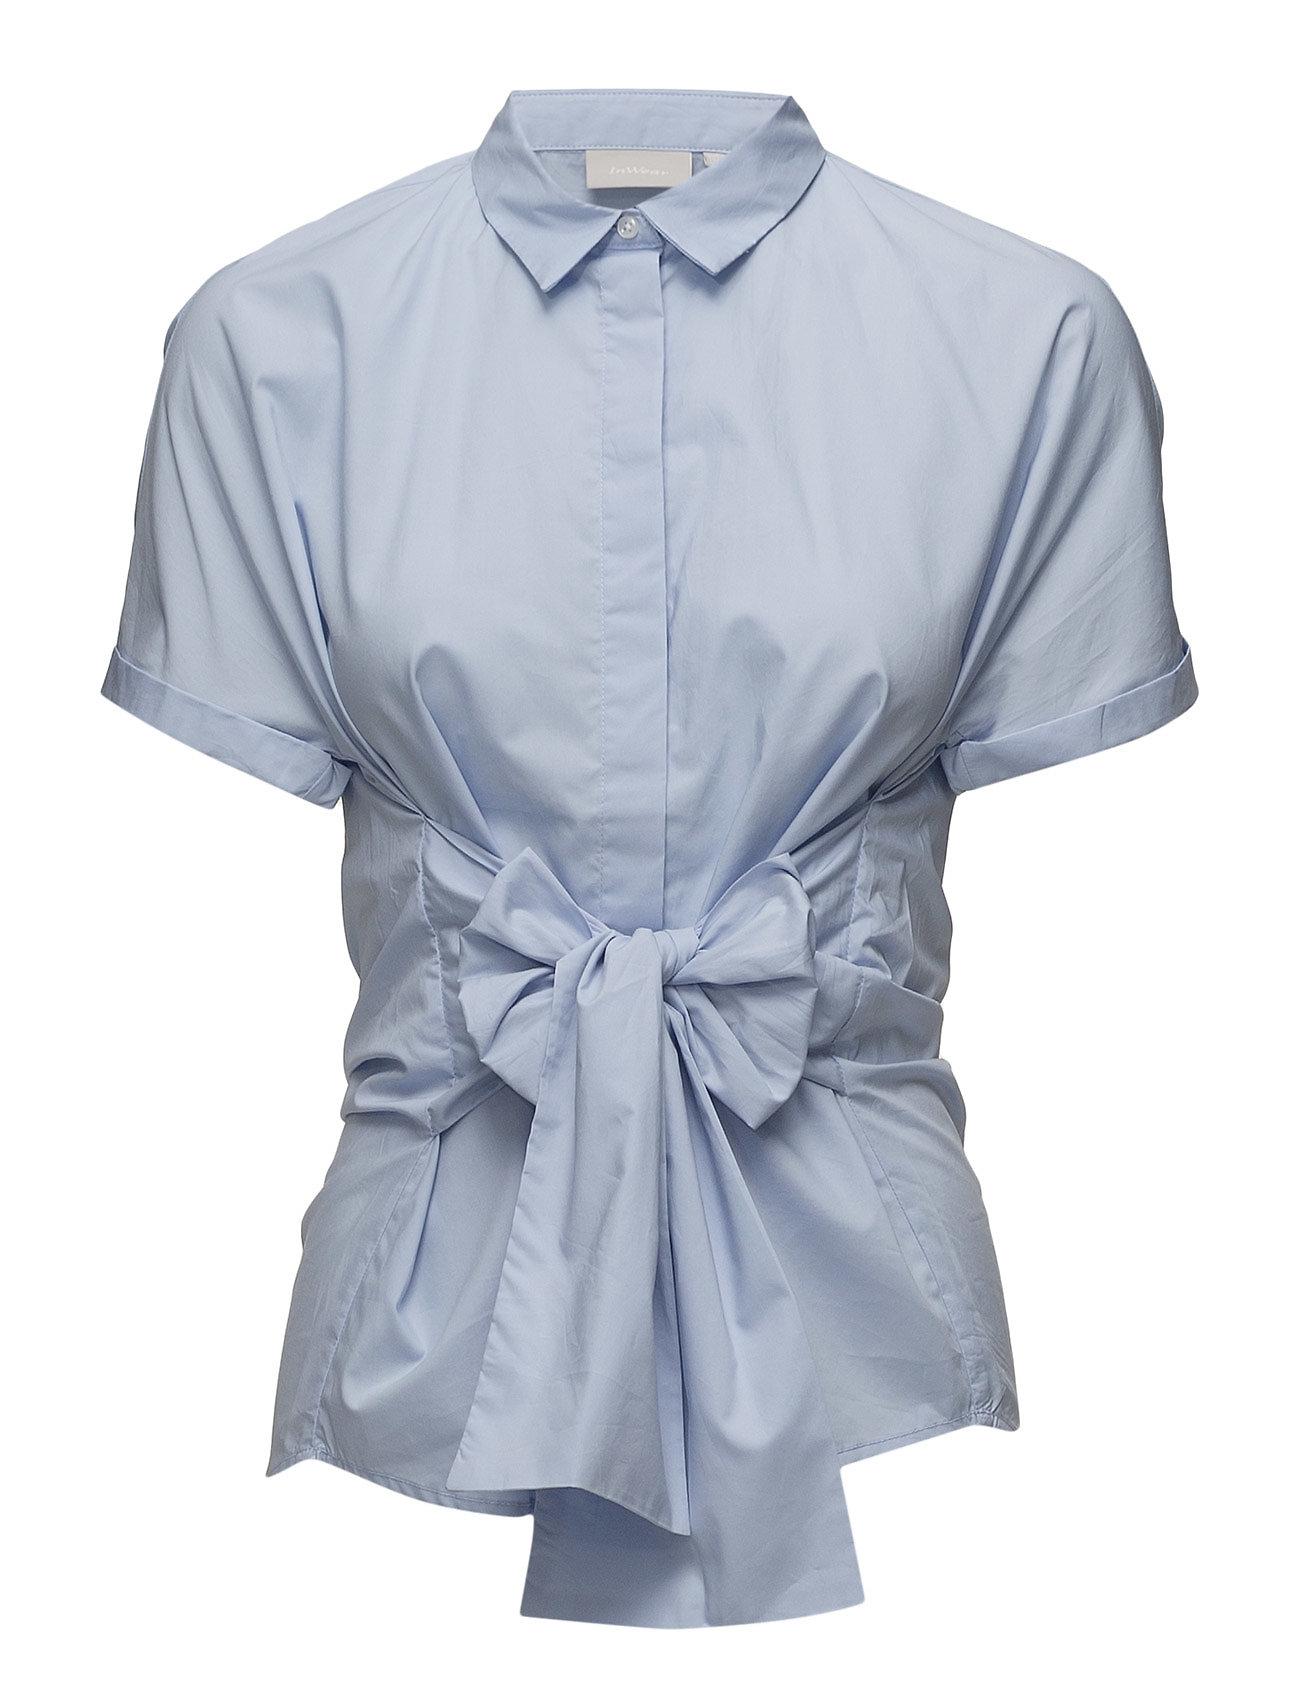 ff67d05ef89 InWear kortærmede skjorter – Gryta Shirt til dame i BRUNNERA BLUE ...